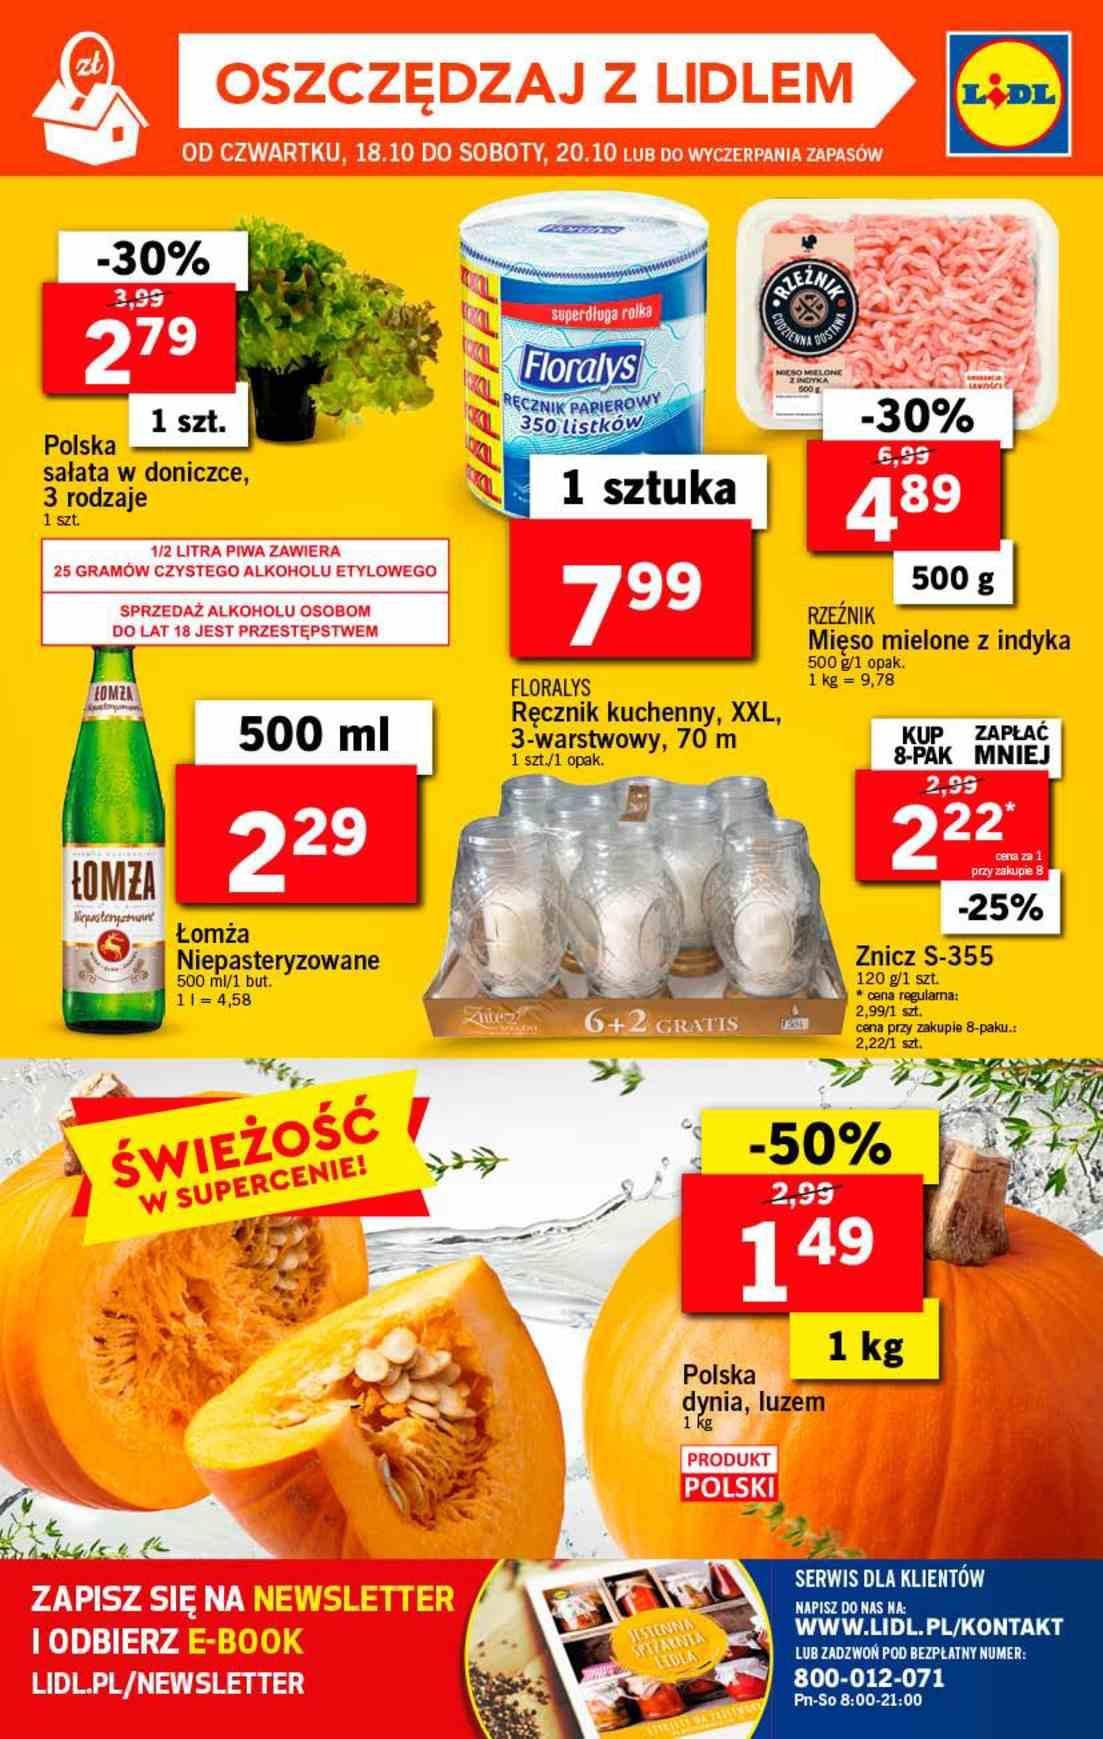 Gazetka promocyjna Lidl do 20/10/2018 str.36